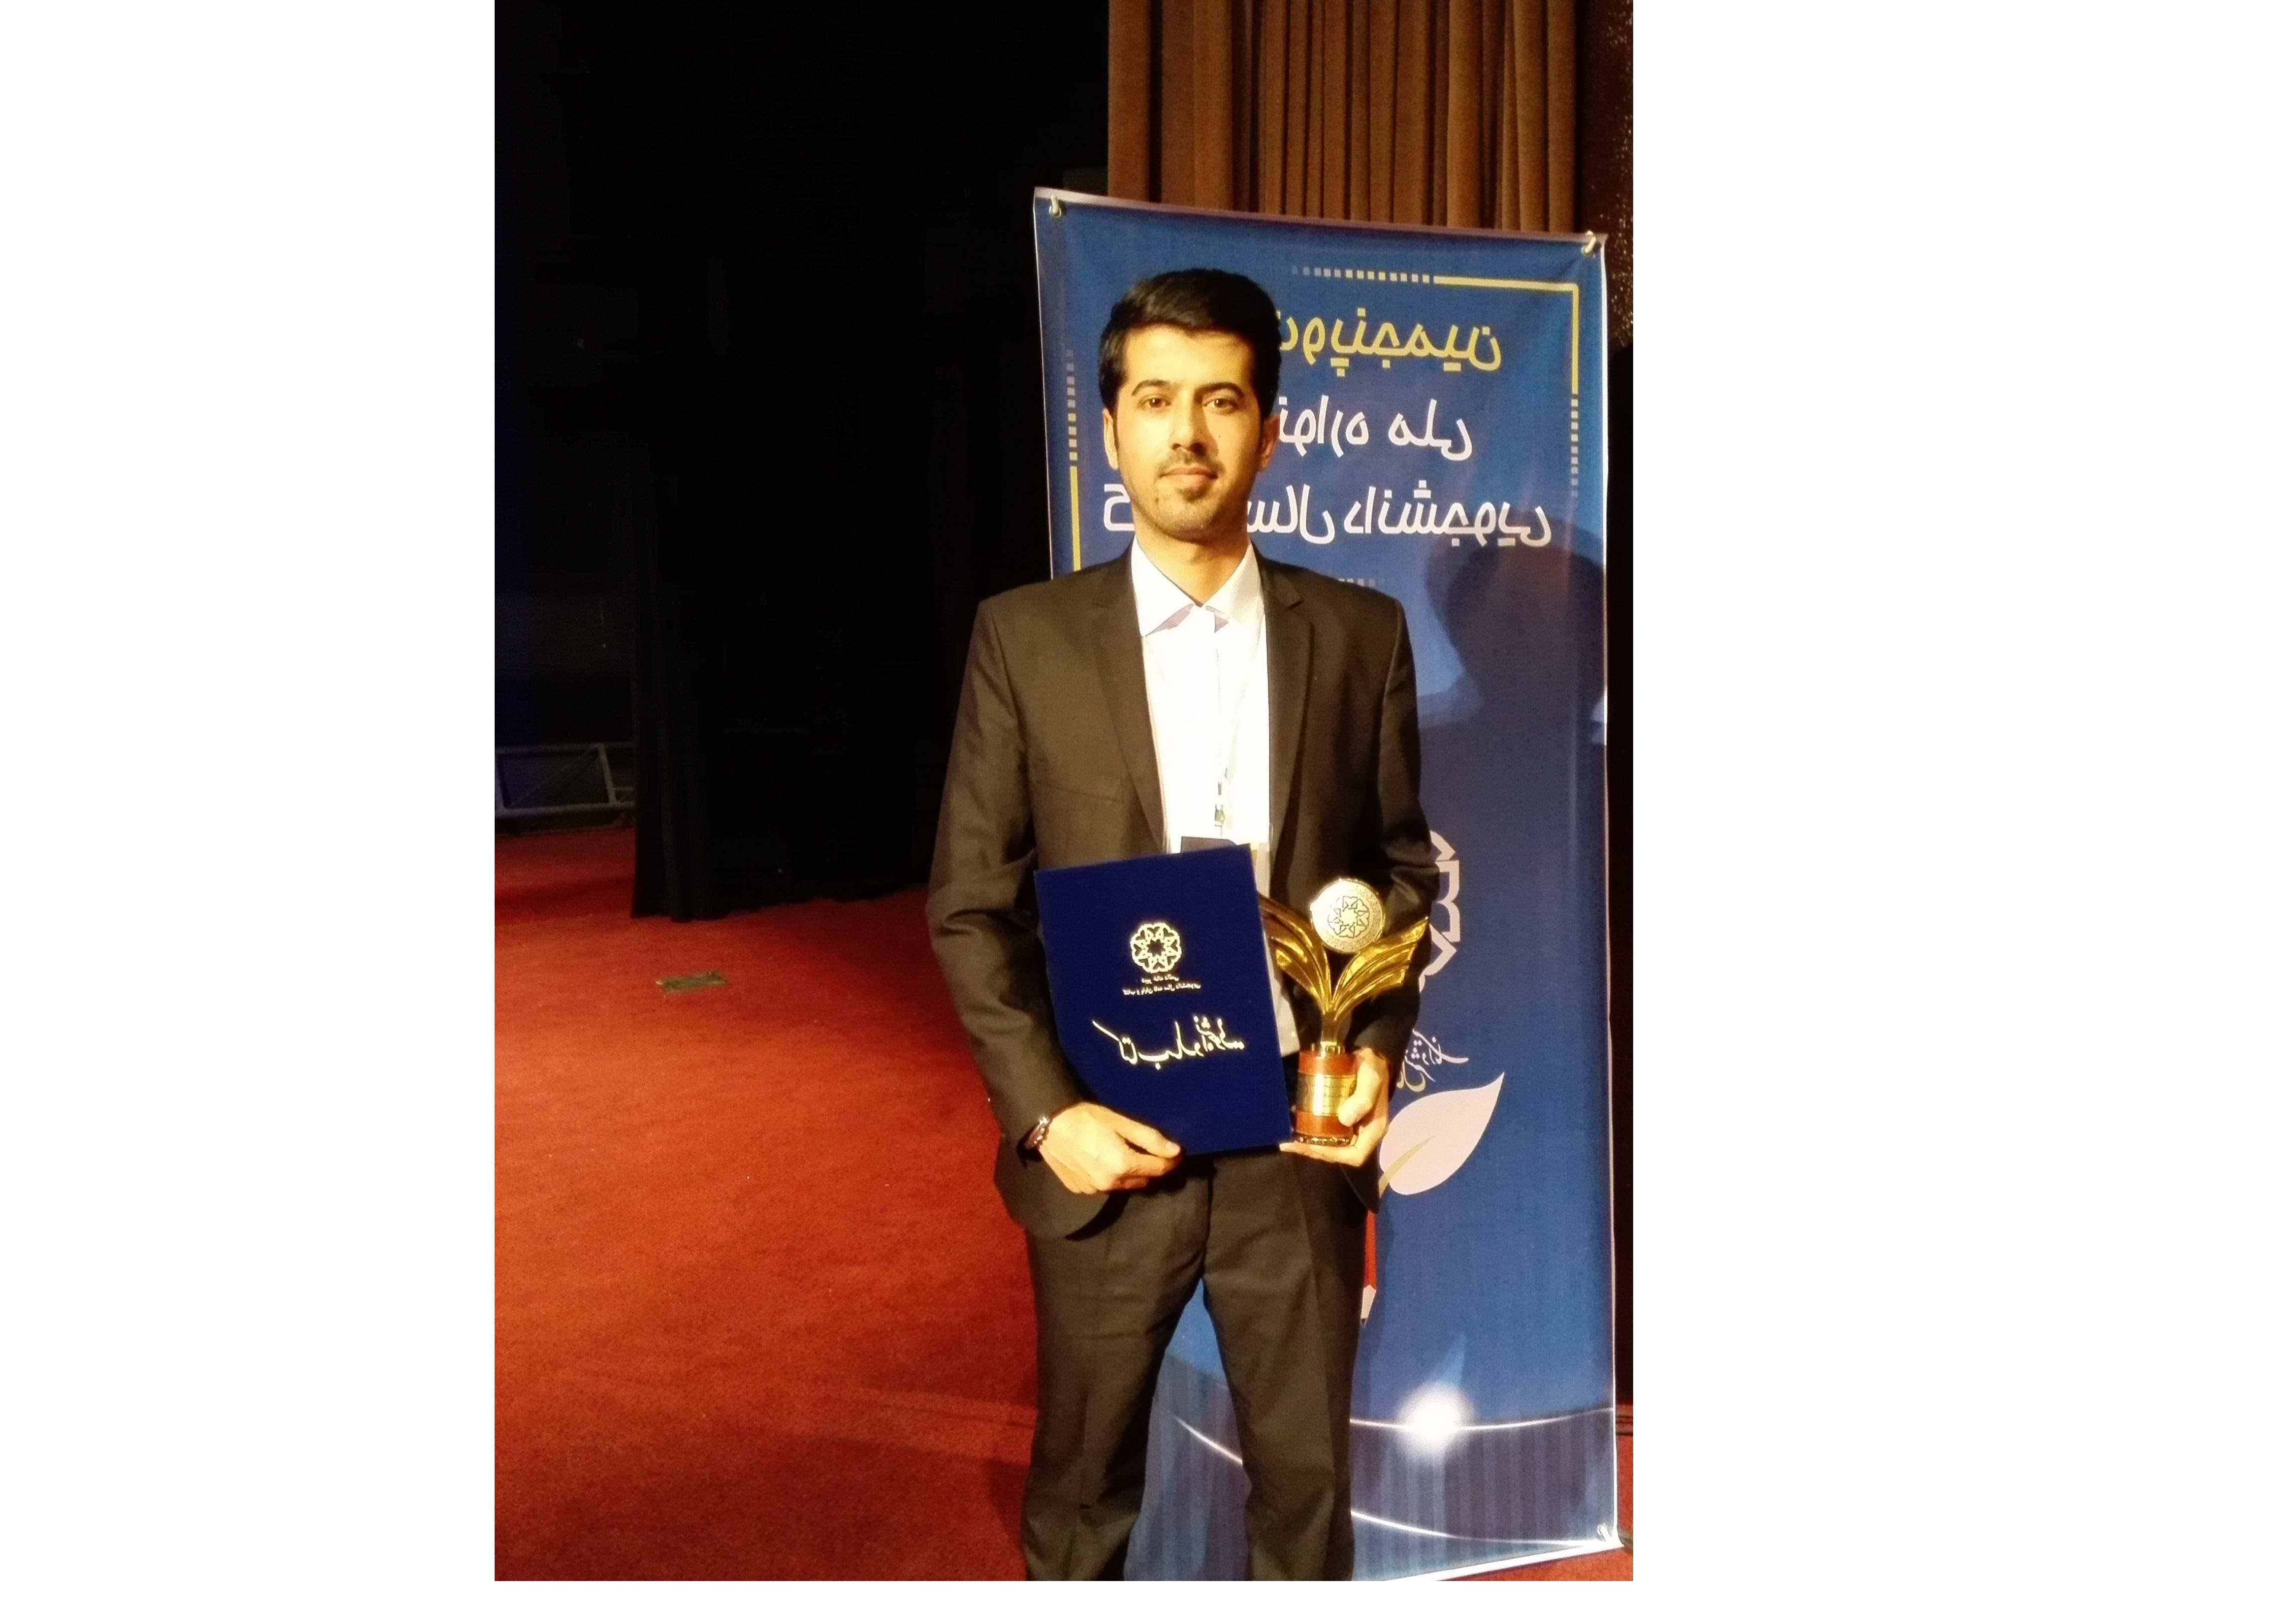 برگزیده بیست وپنجمین دوره جشنواره کتاب سال دانشجویی